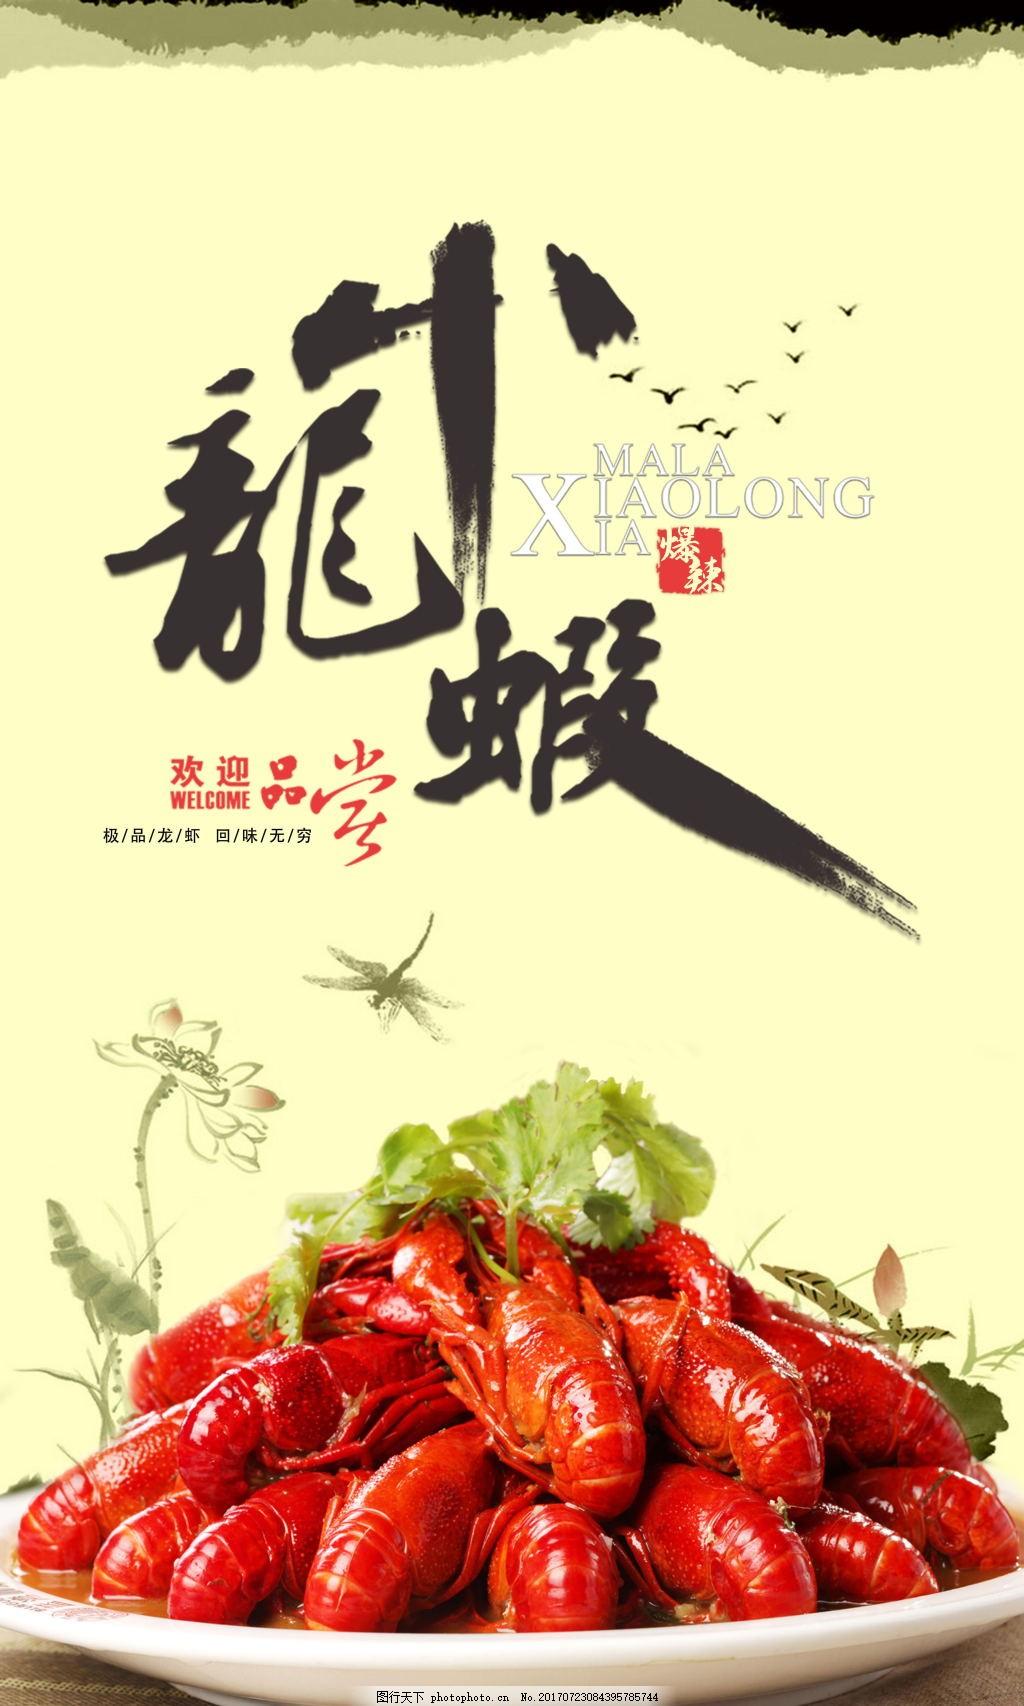 小龙虾美食易拉宝设计 海报 美食海报 美食宣传 饭店 餐厅